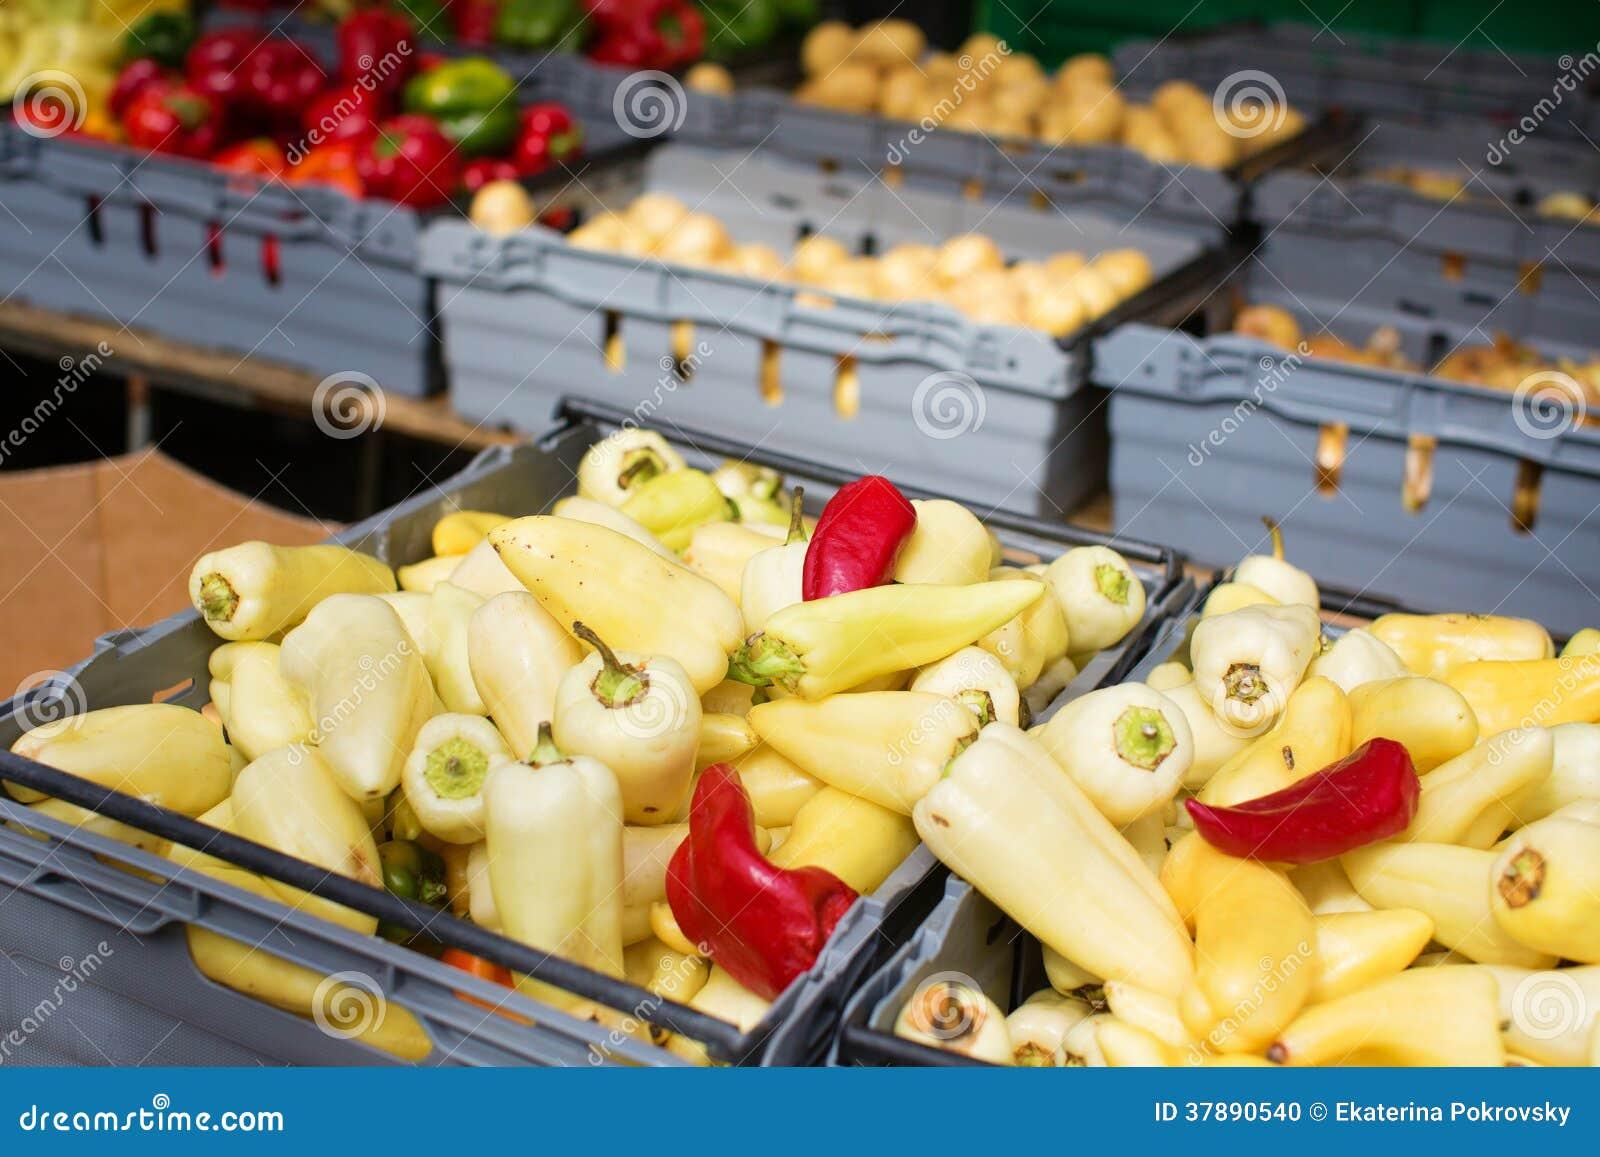 Heerlijke groenten op markt